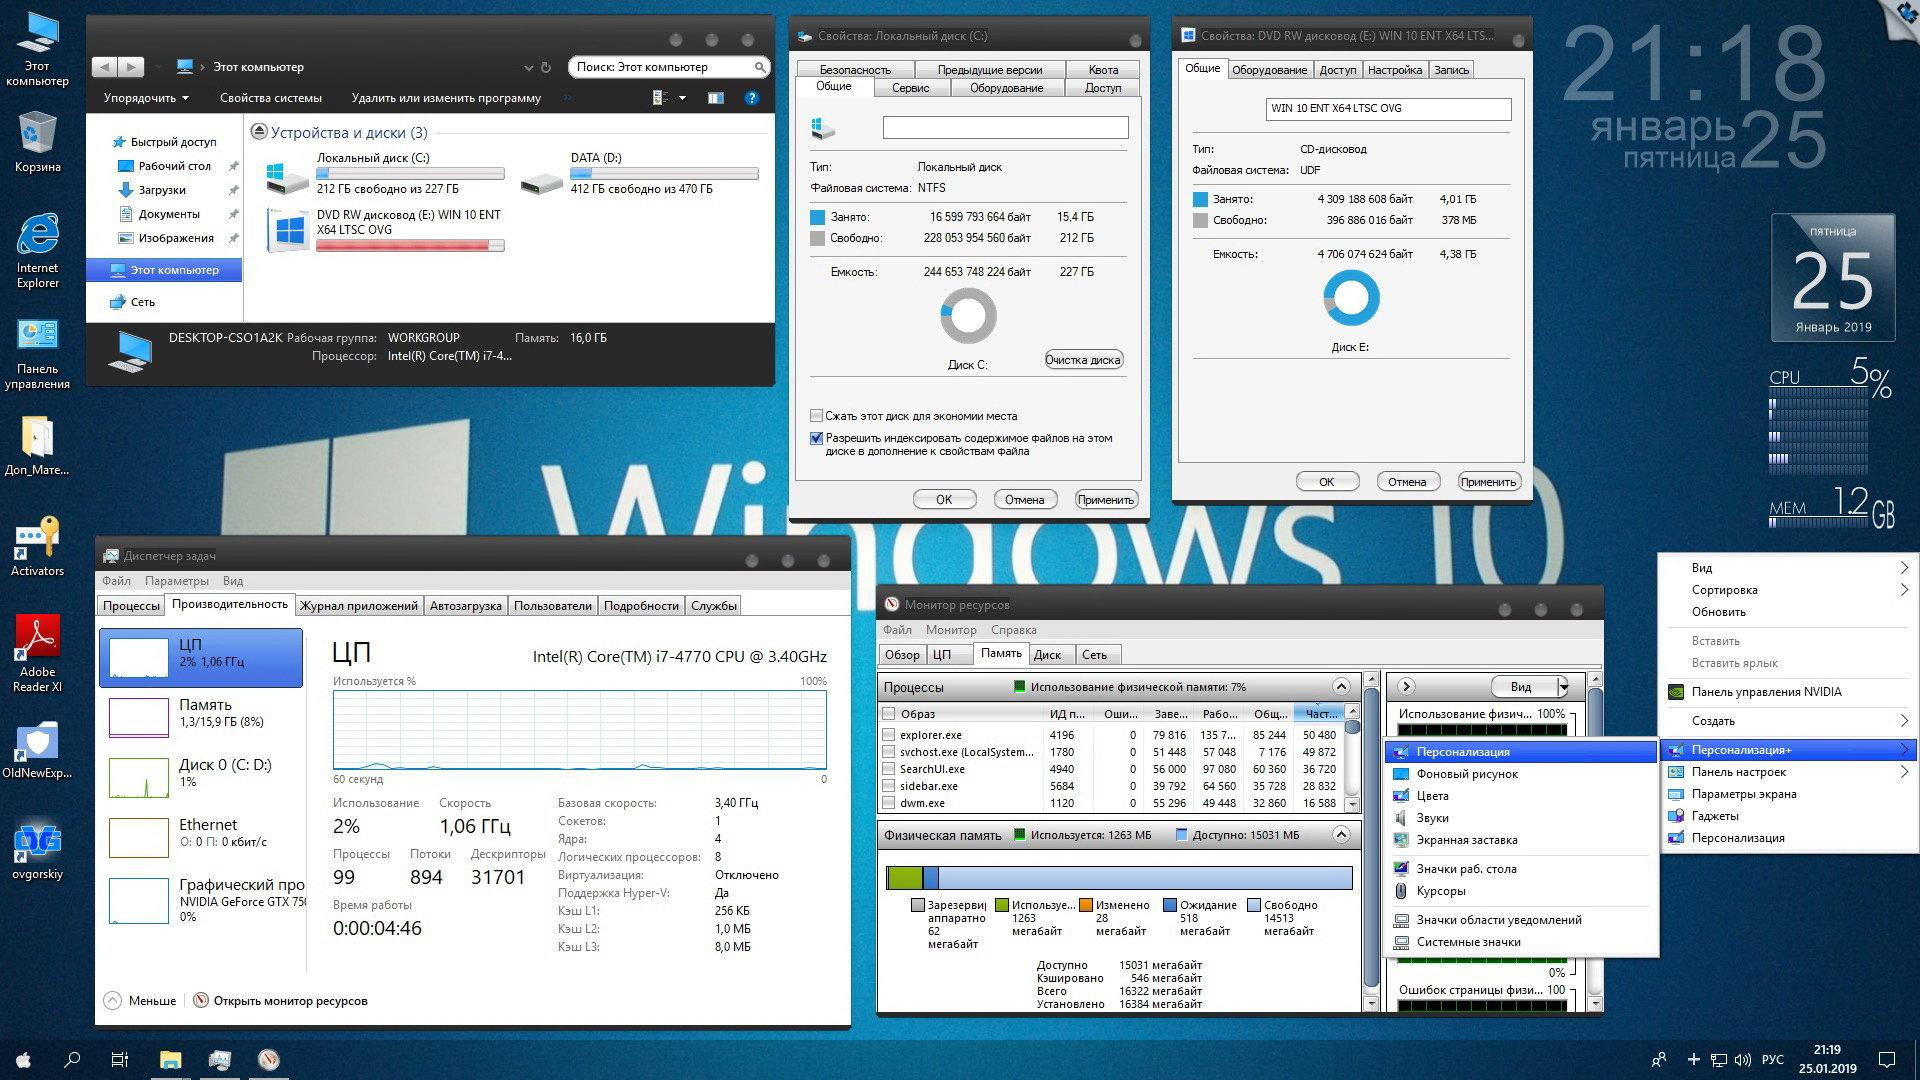 Windows - Windows 10 Enterprise LTSC 2019 x64 1809 RU by